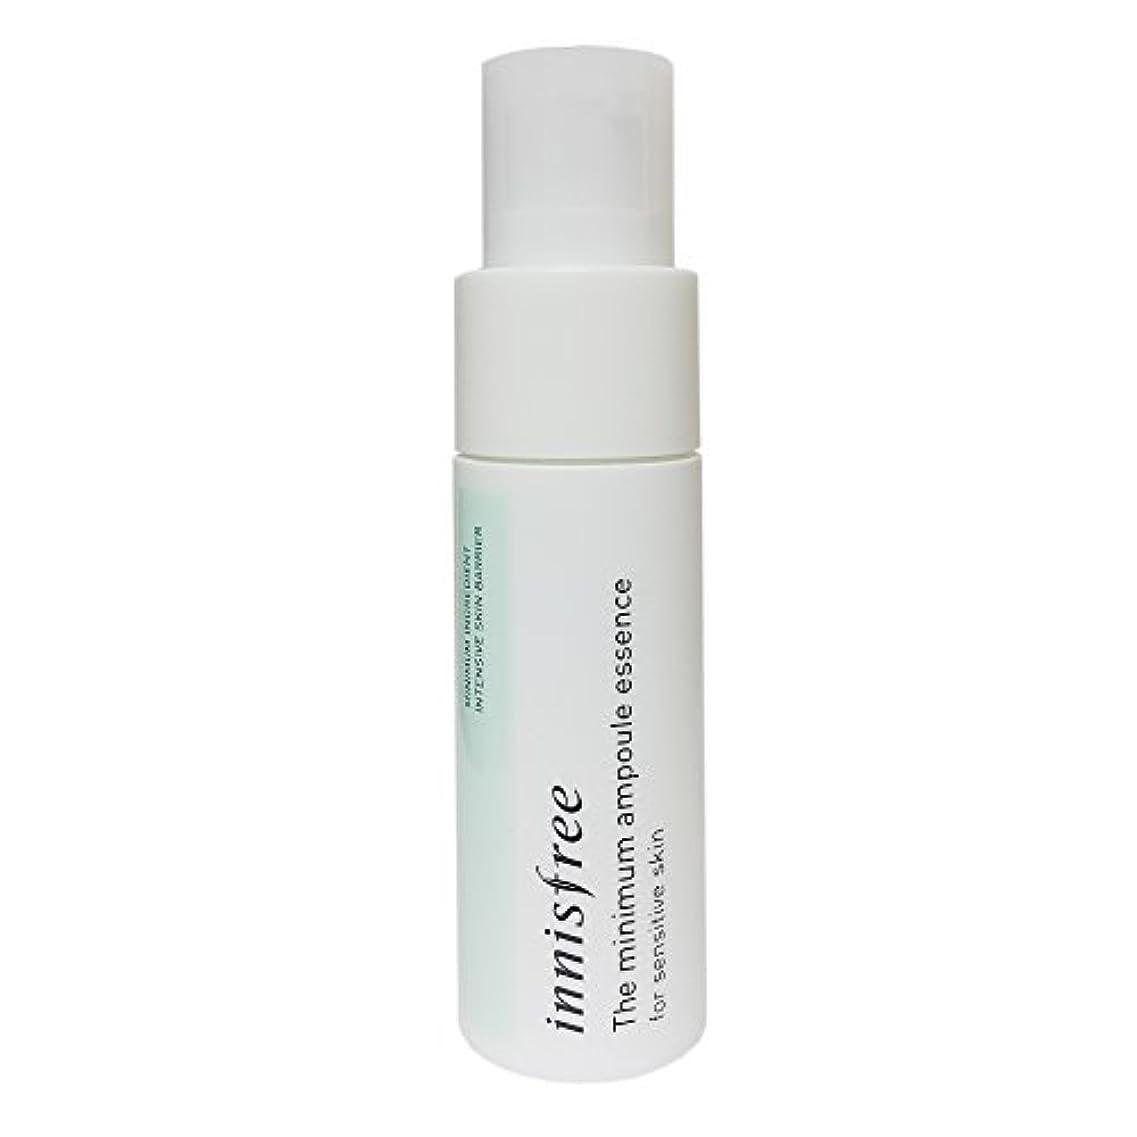 同化バスト欠陥イニスフリー Innisfree ザミニマム アンプル エッセンス敏感肌用(30ml) Innisfree The Minimum Ampoule Essence For Sensitive Skin(30ml) [海外直送品]